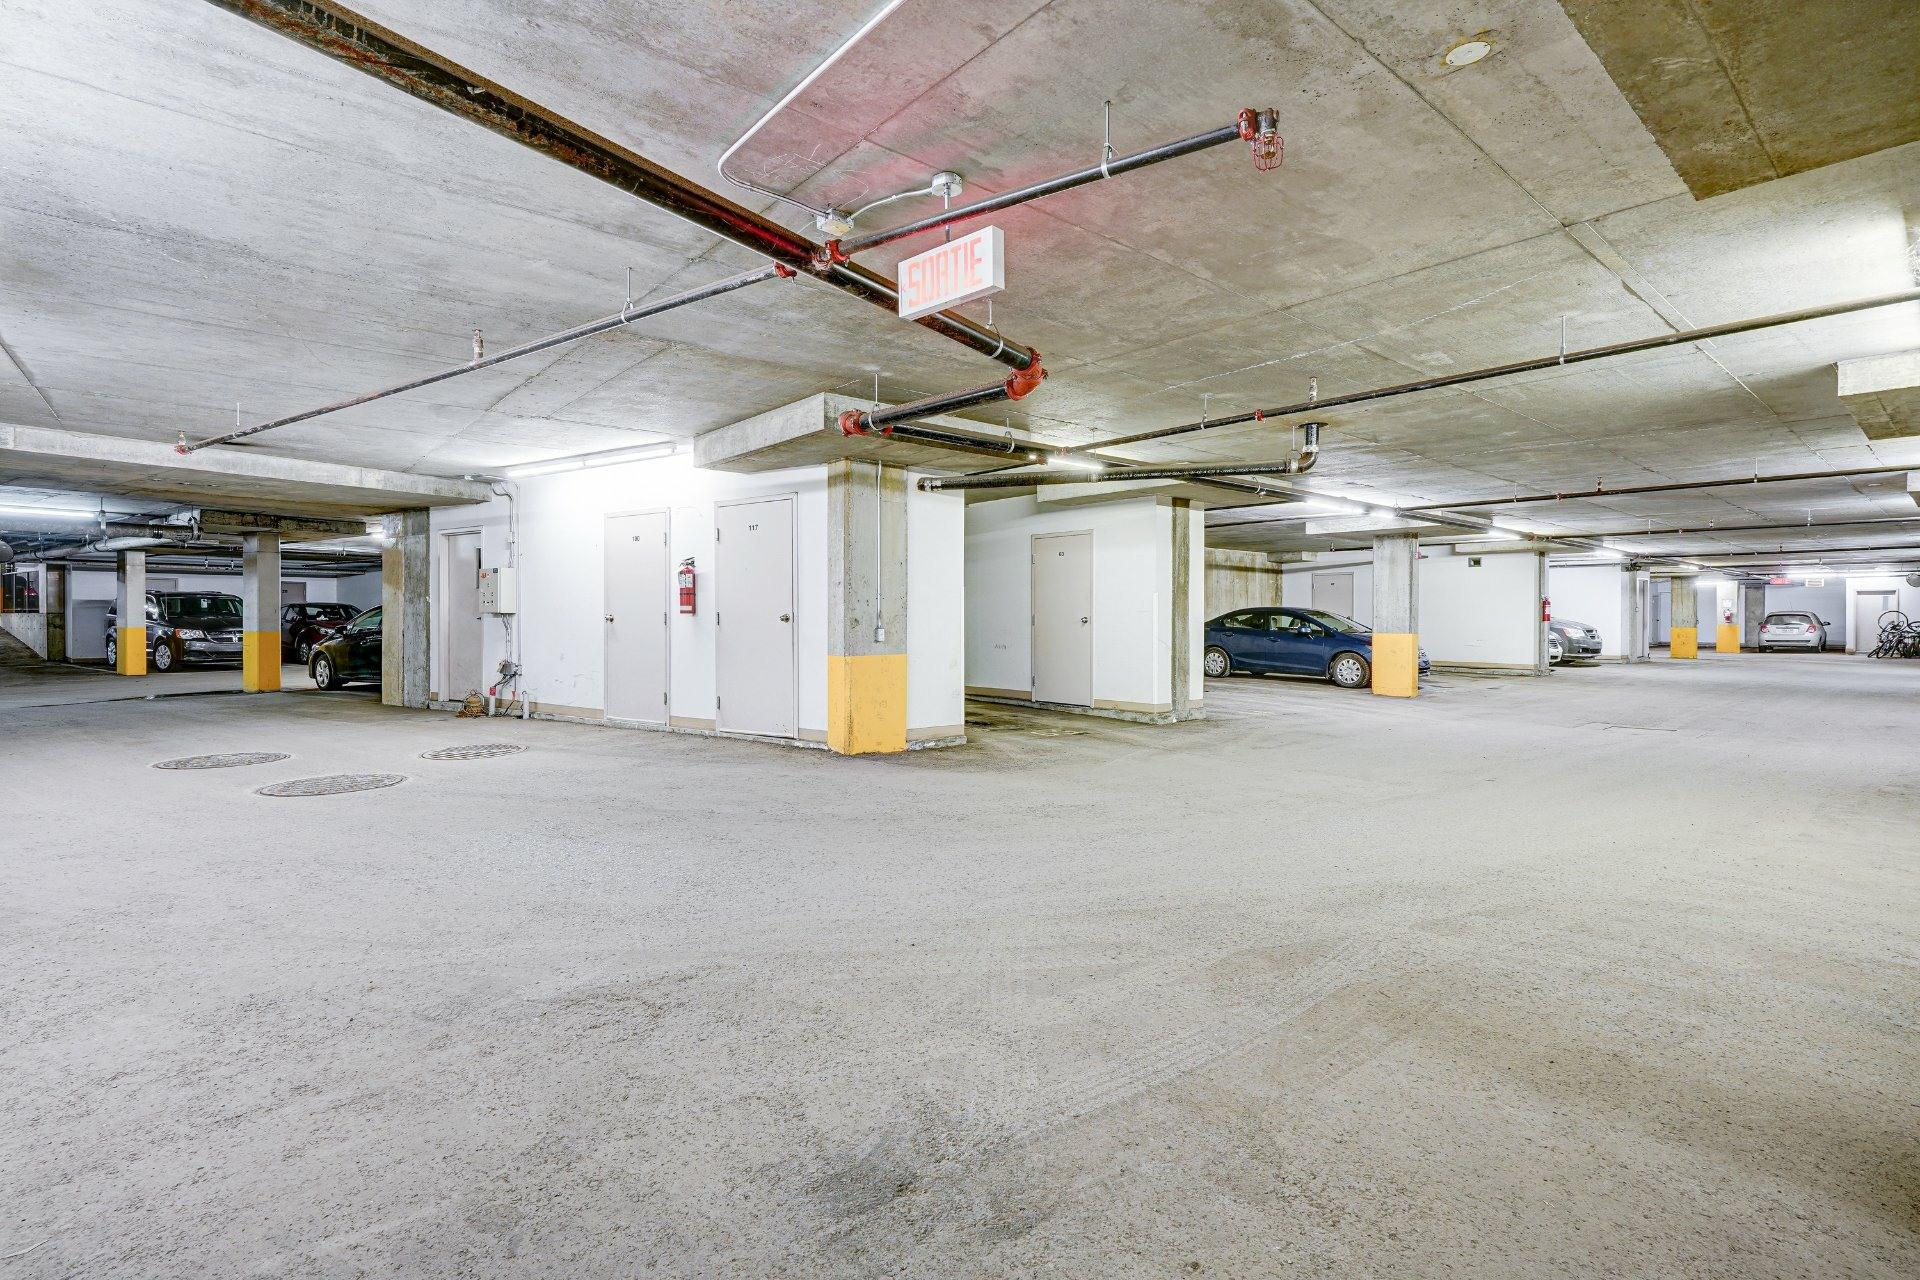 image 22 - Appartement À vendre Saint-Laurent Montréal  - 7 pièces